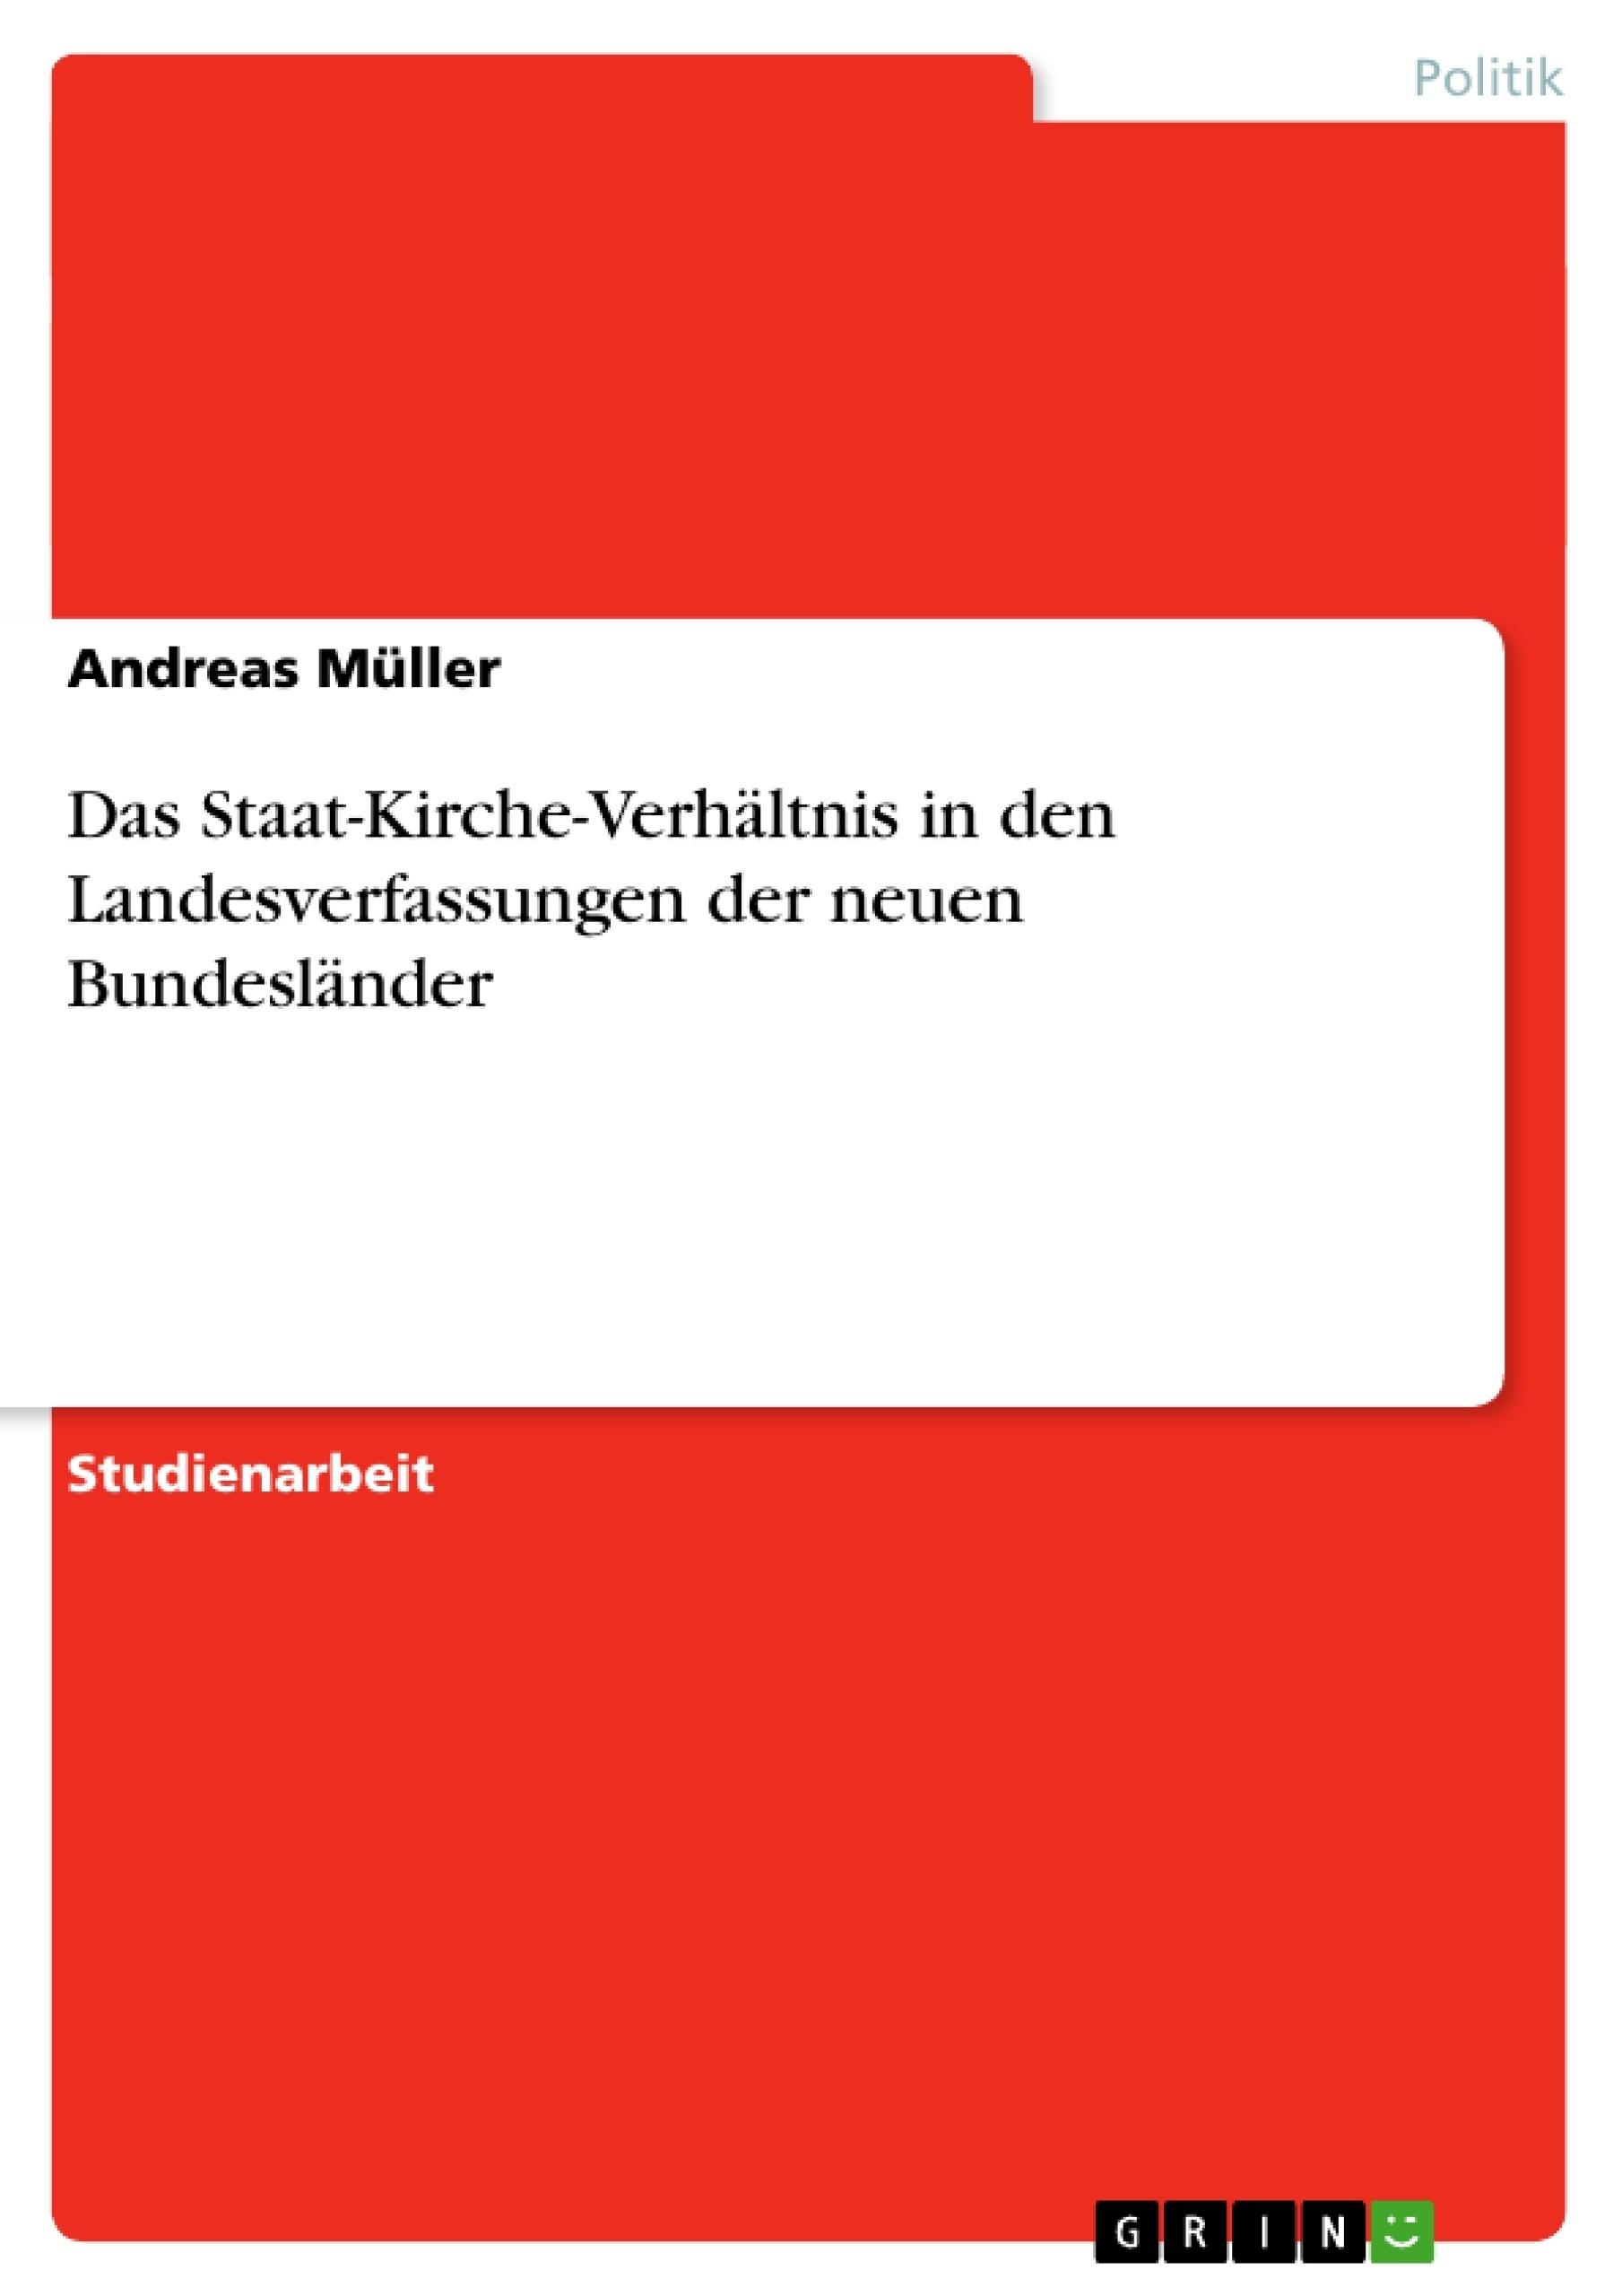 Titel: Das Staat-Kirche-Verhältnis in den Landesverfassungen der neuen Bundesländer